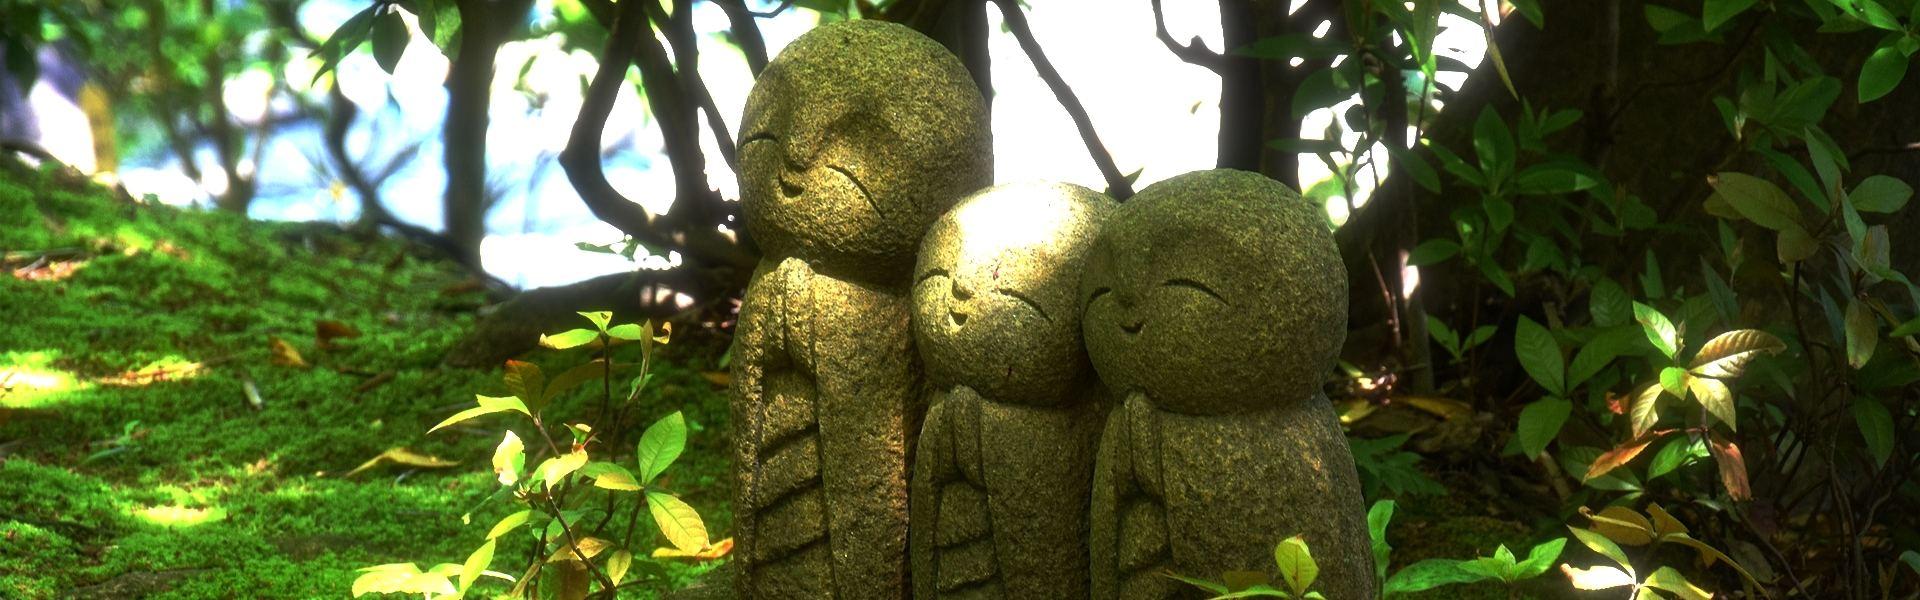 drei lächelnde Steinfiguren_compose.jpg